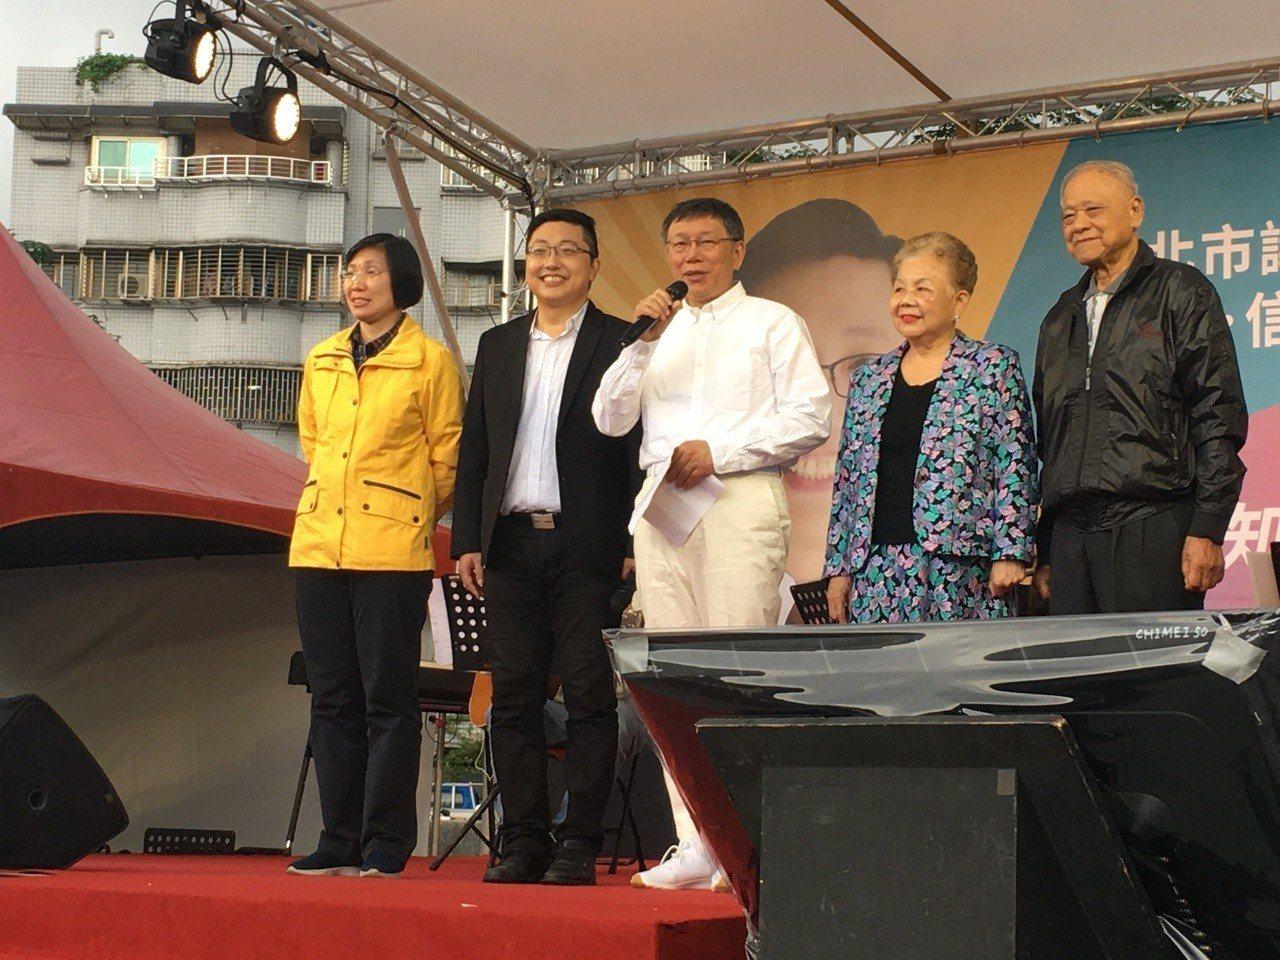 市議員徐世勳在公園辦音樂會,台北市長柯文哲也到場支持,卻儼然成為大型造勢活動。記...